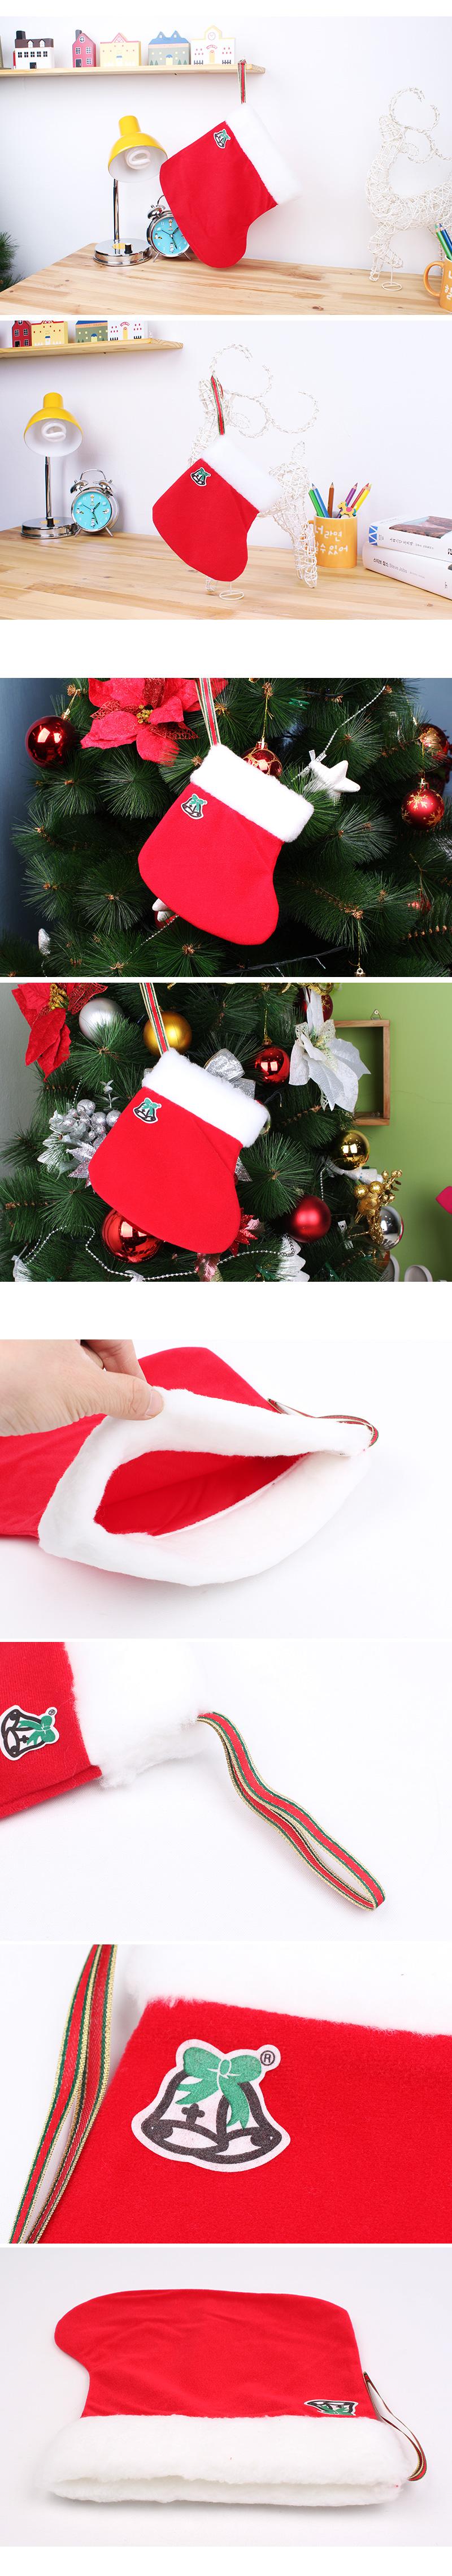 산타양말 소 - 파티해, 1,530원, 크리스마스, 장식소품